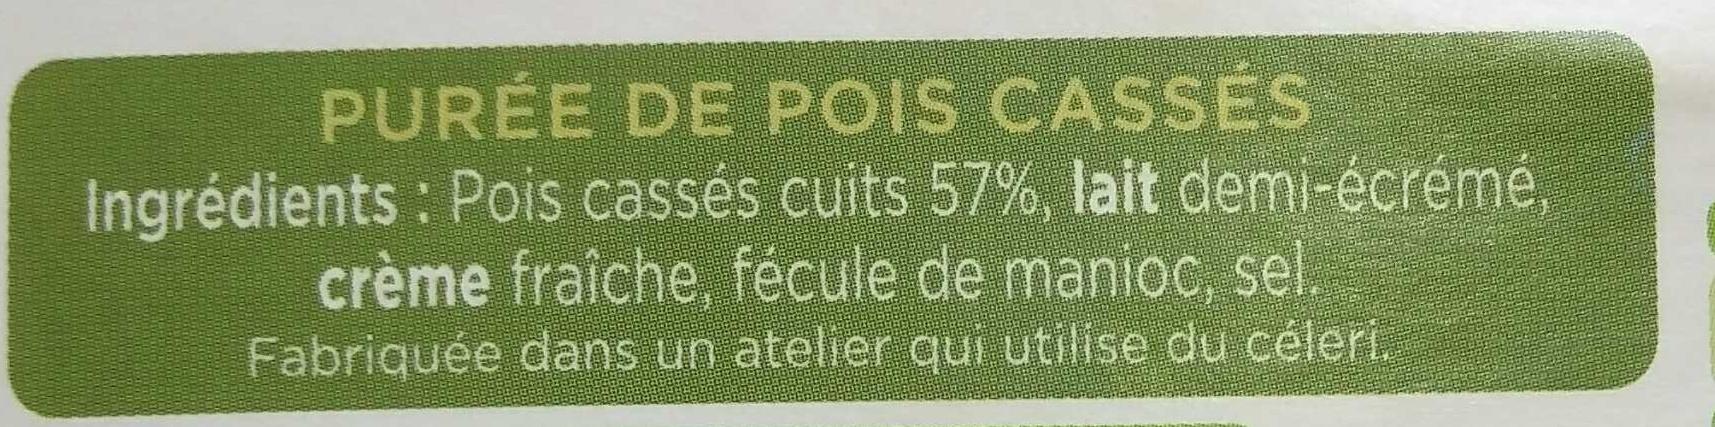 Purée de Pois Cassés - Ingrédients - fr